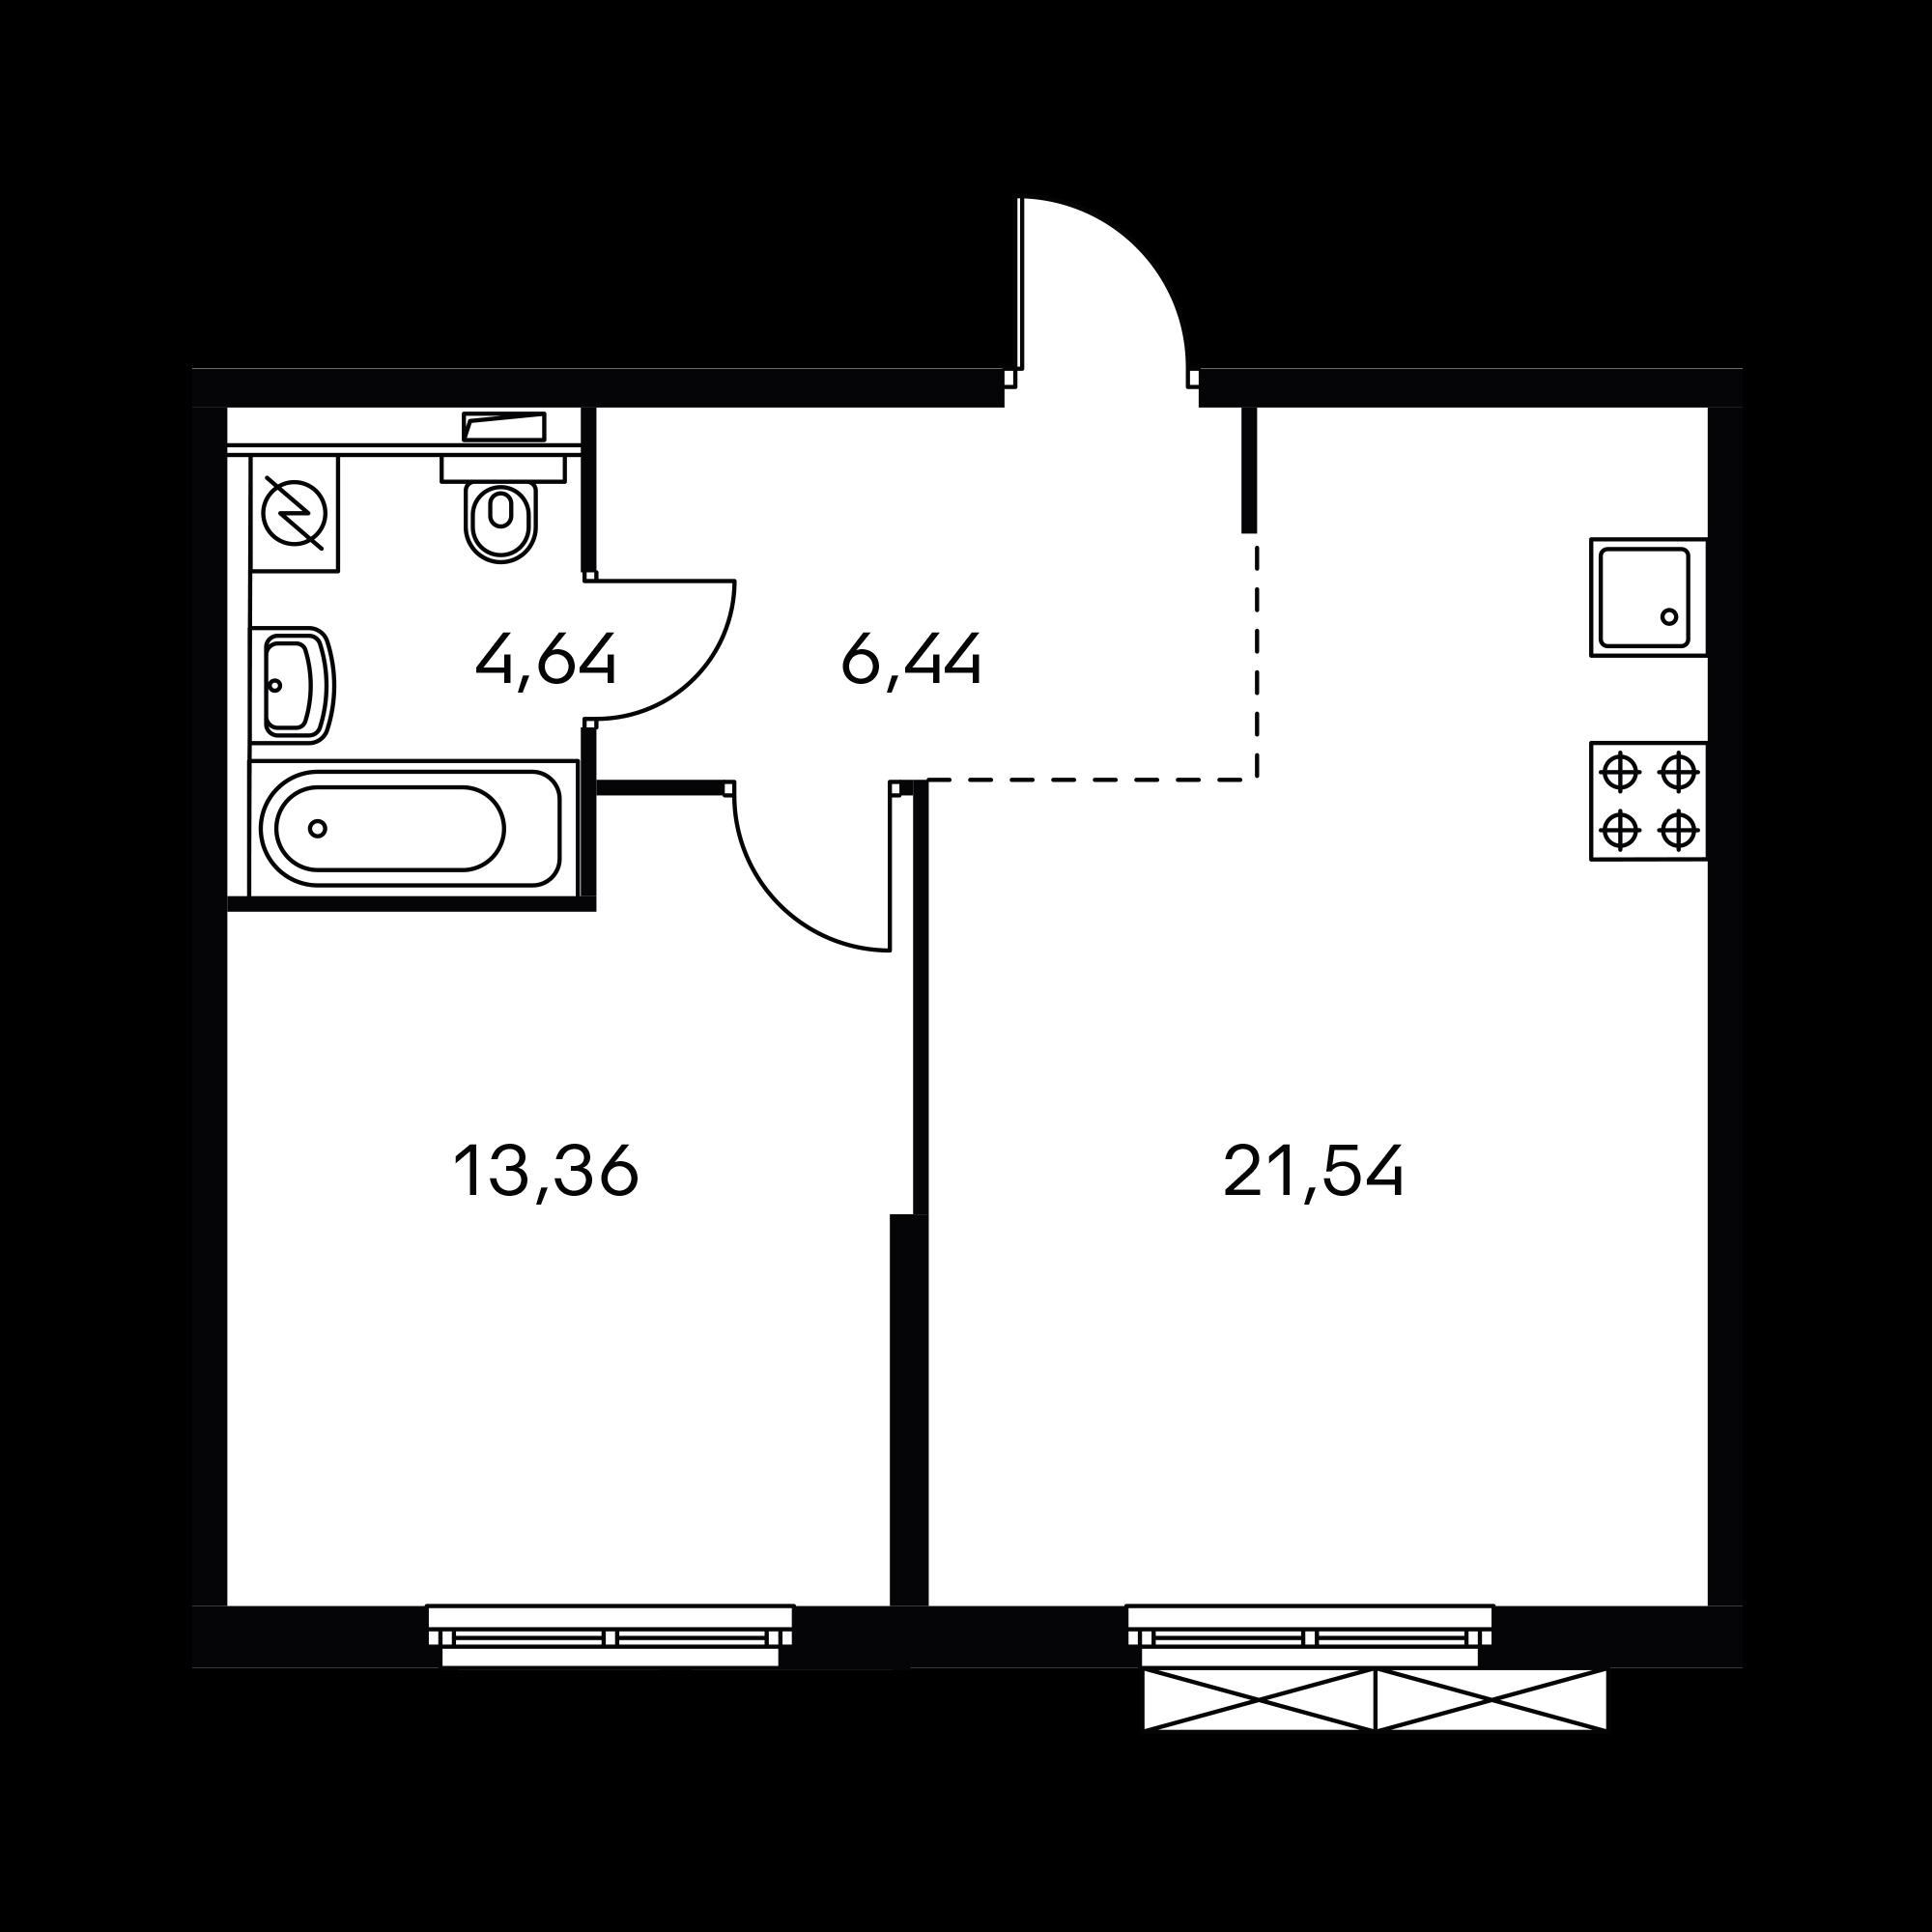 1EL4_7.8-1_S_A4